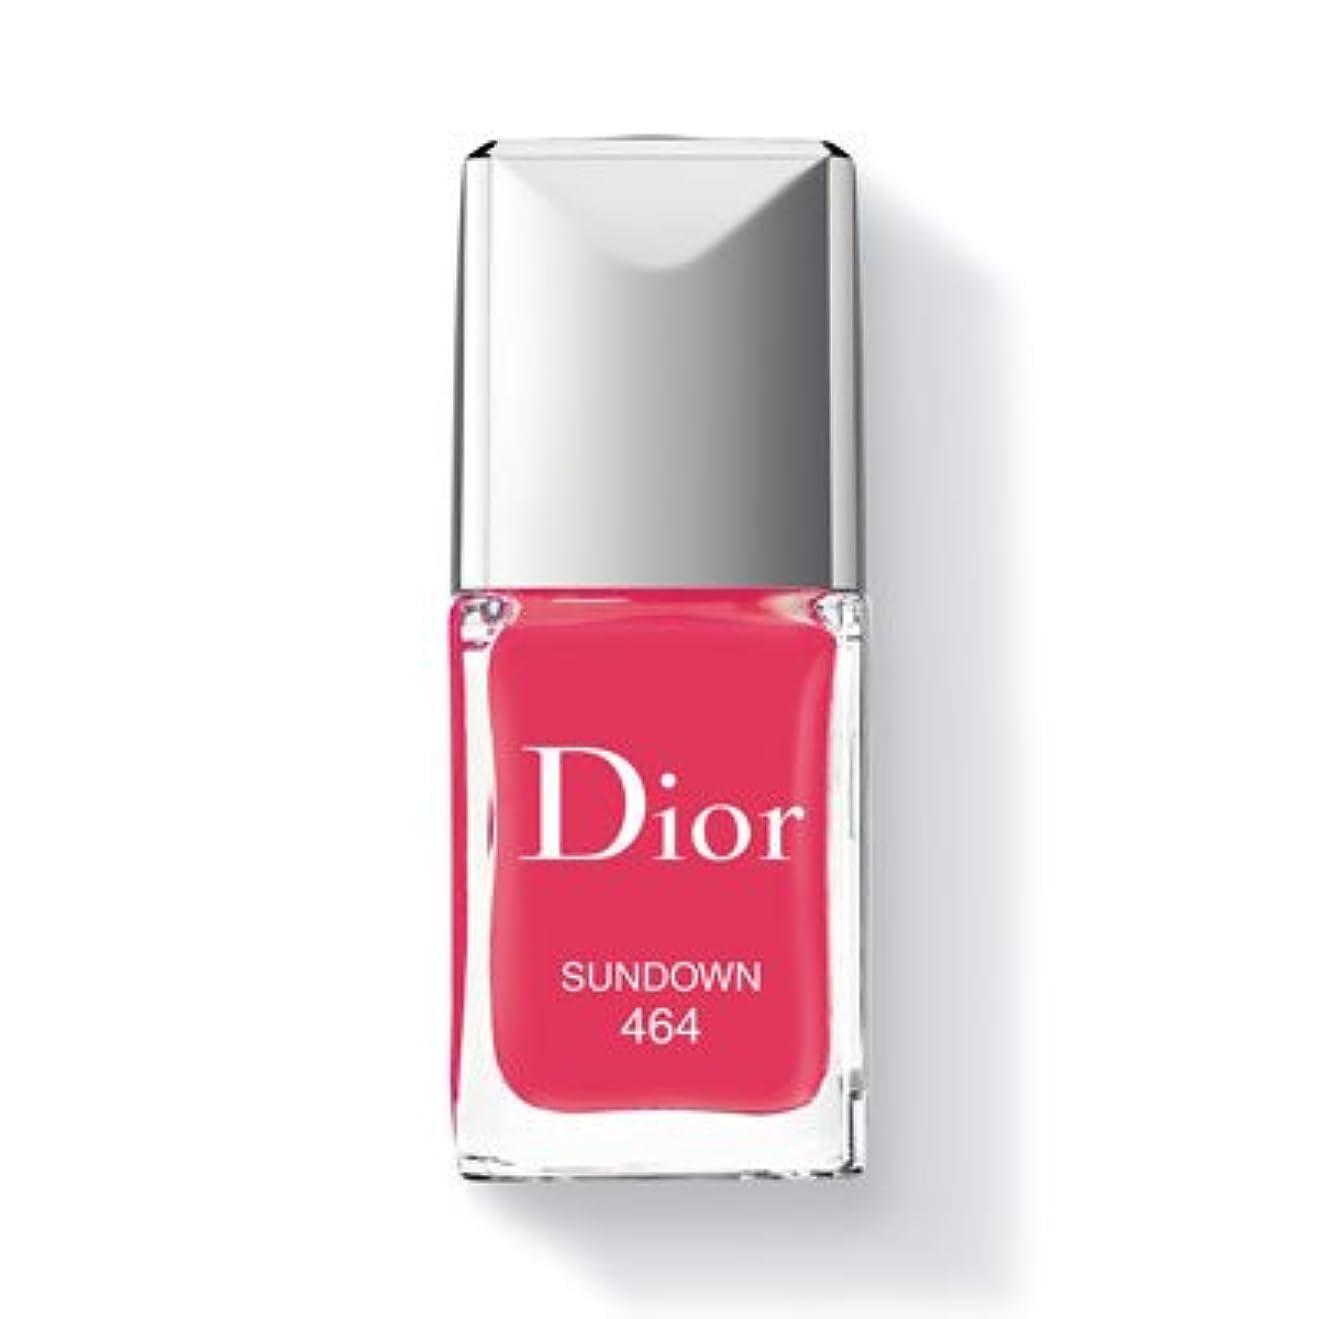 約設定買い物に行く怒るChristian Dior クリスチャン ディオール ディオール ヴェルニ #464 SUNDOWN 10ml [並行輸入品]